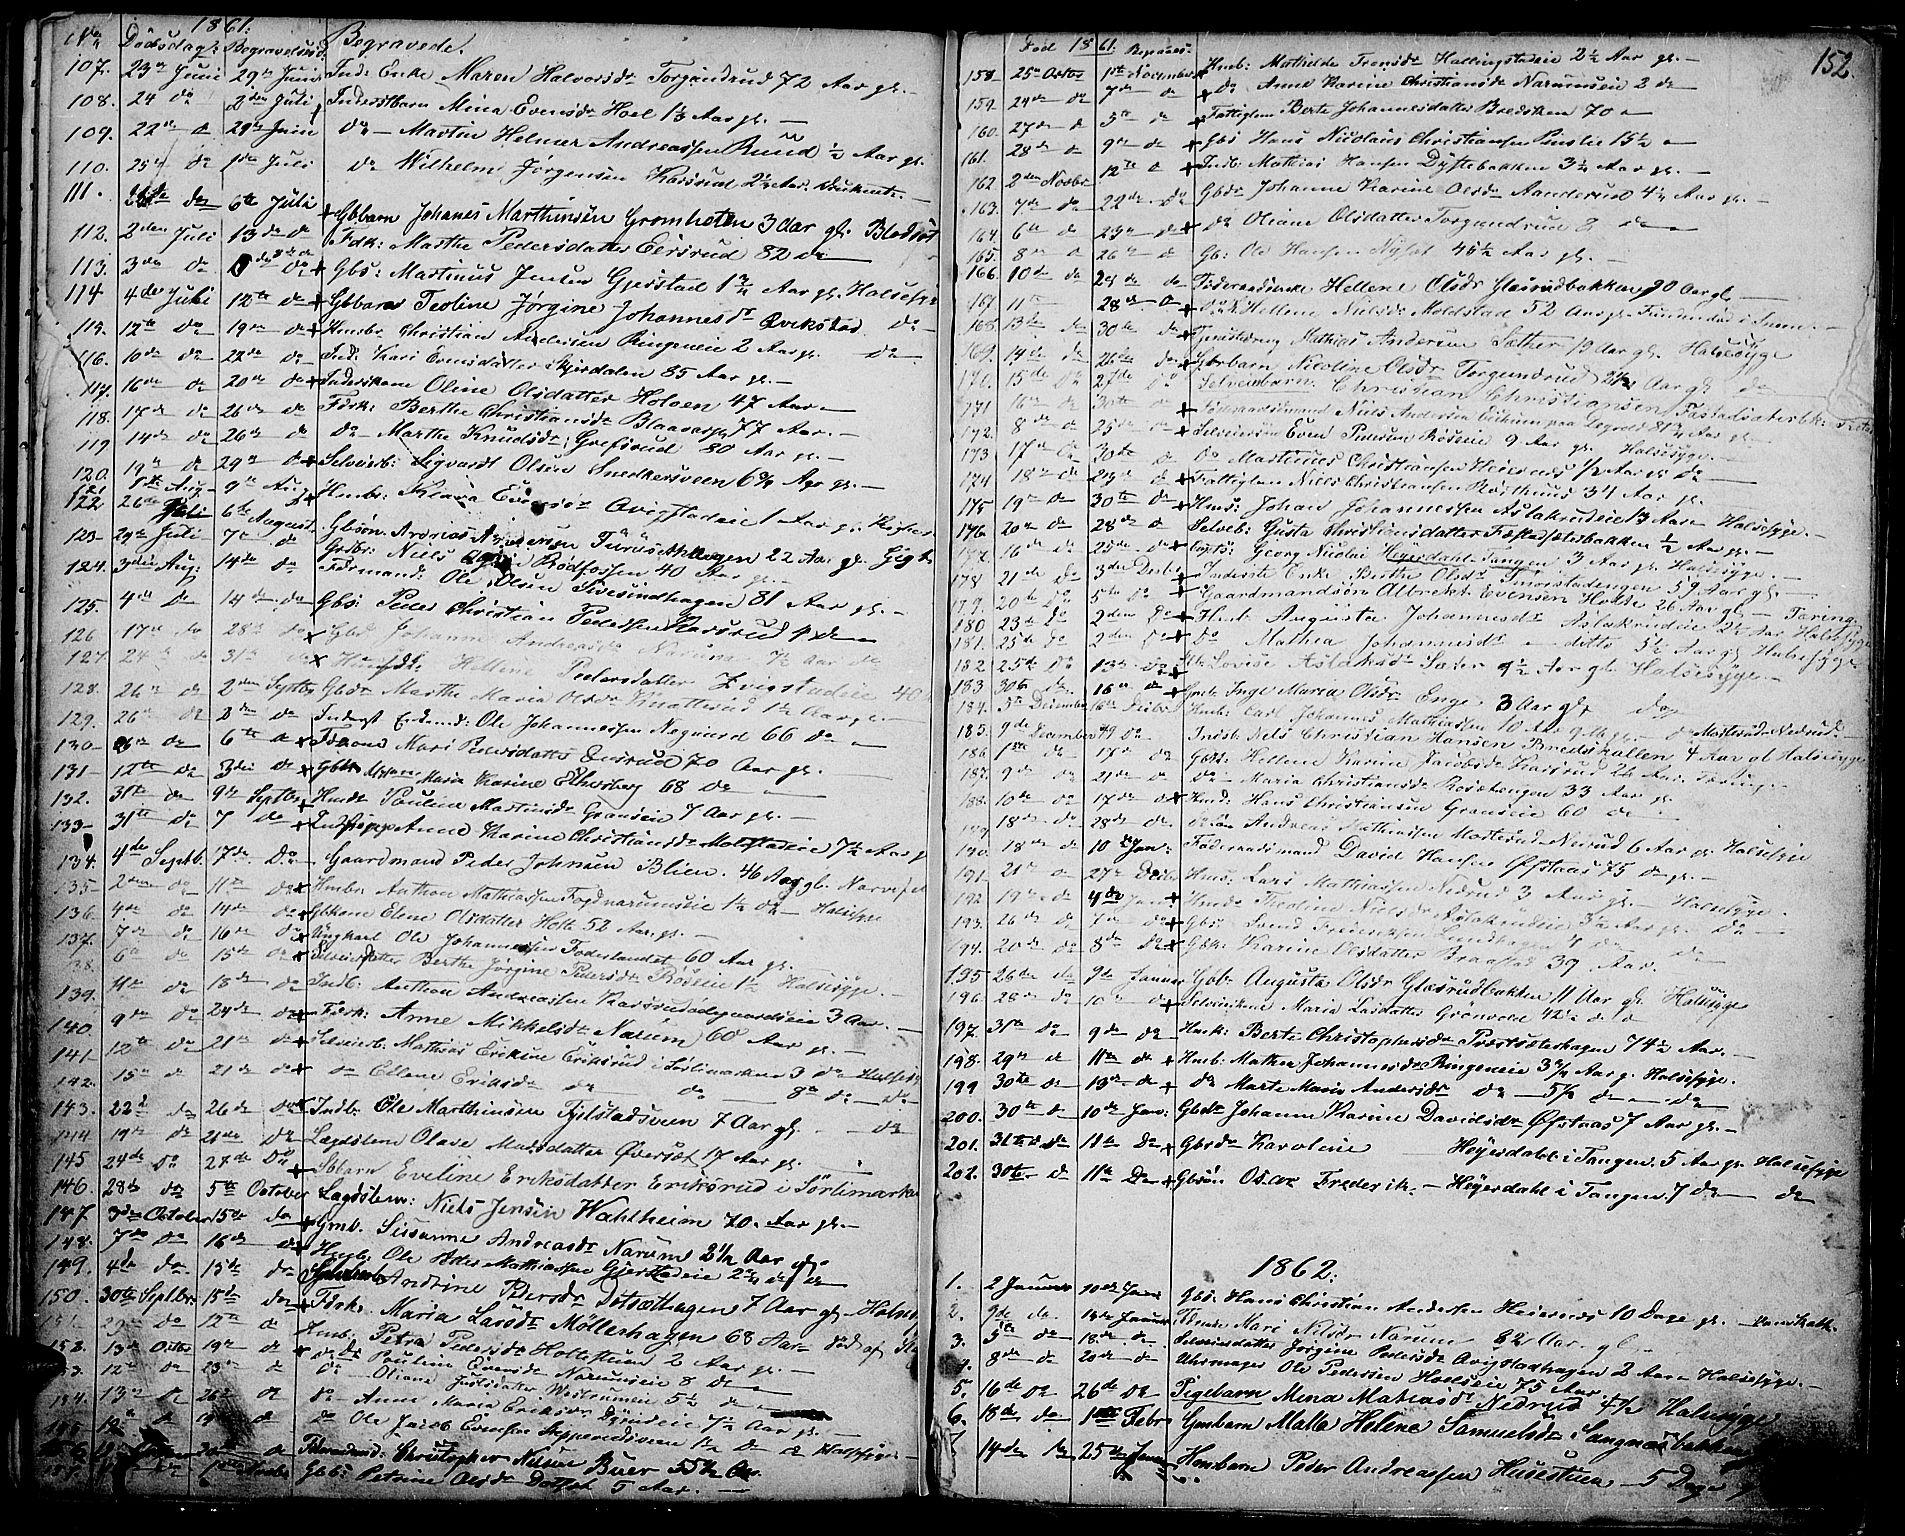 SAH, Vestre Toten prestekontor, H/Ha/Hab/L0005: Klokkerbok nr. 5, 1854-1870, s. 152